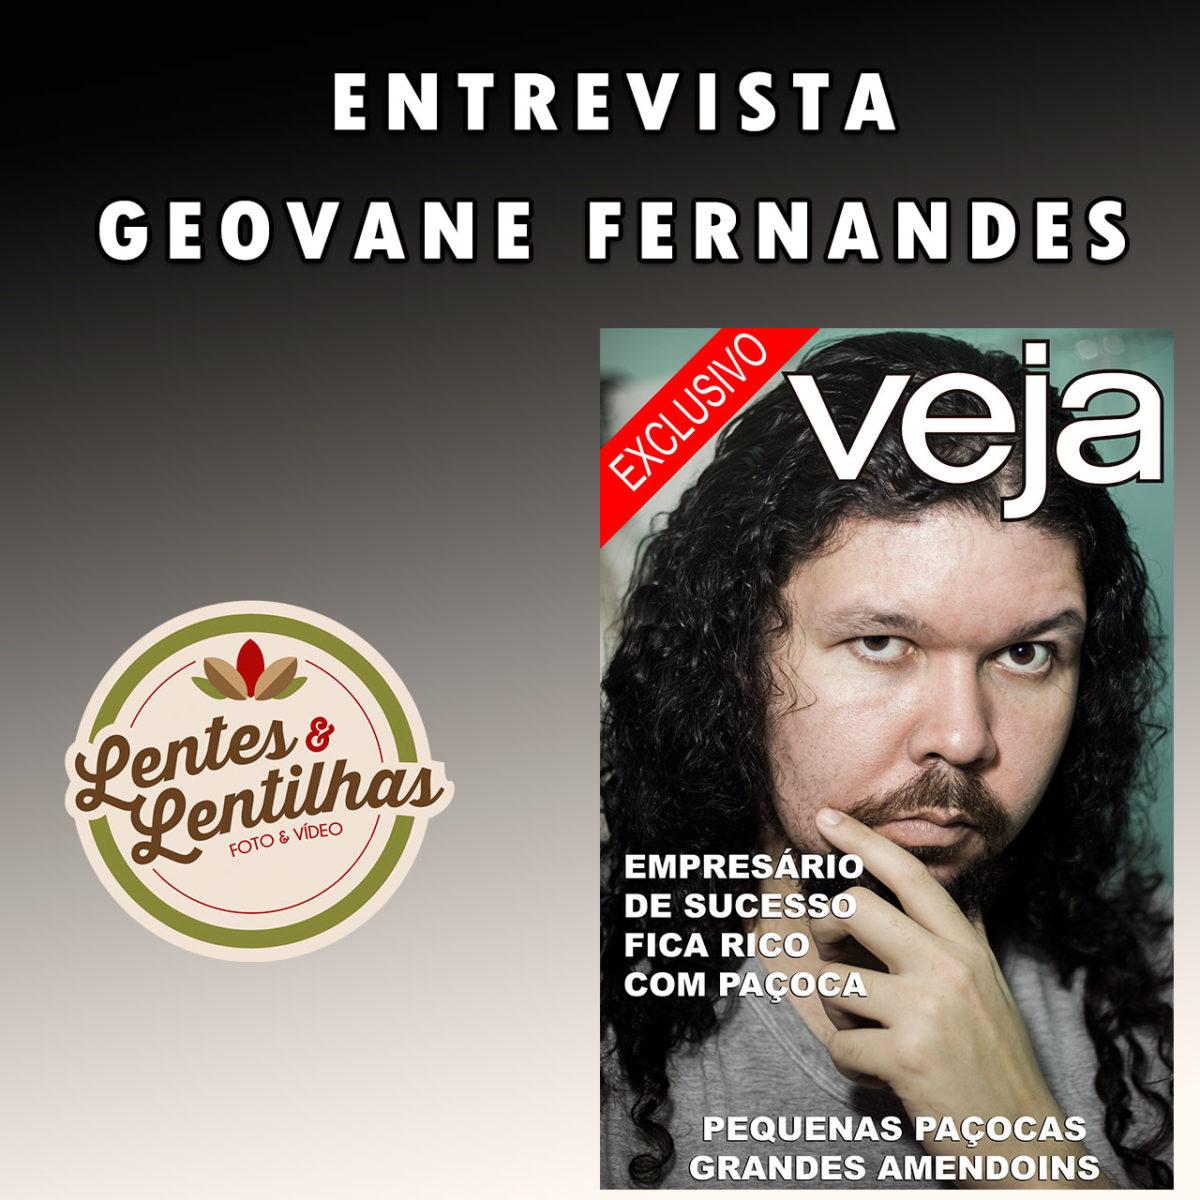 Entrevista-Geovane-Fernandes-Canal-Fotografia-para-Iniciantes